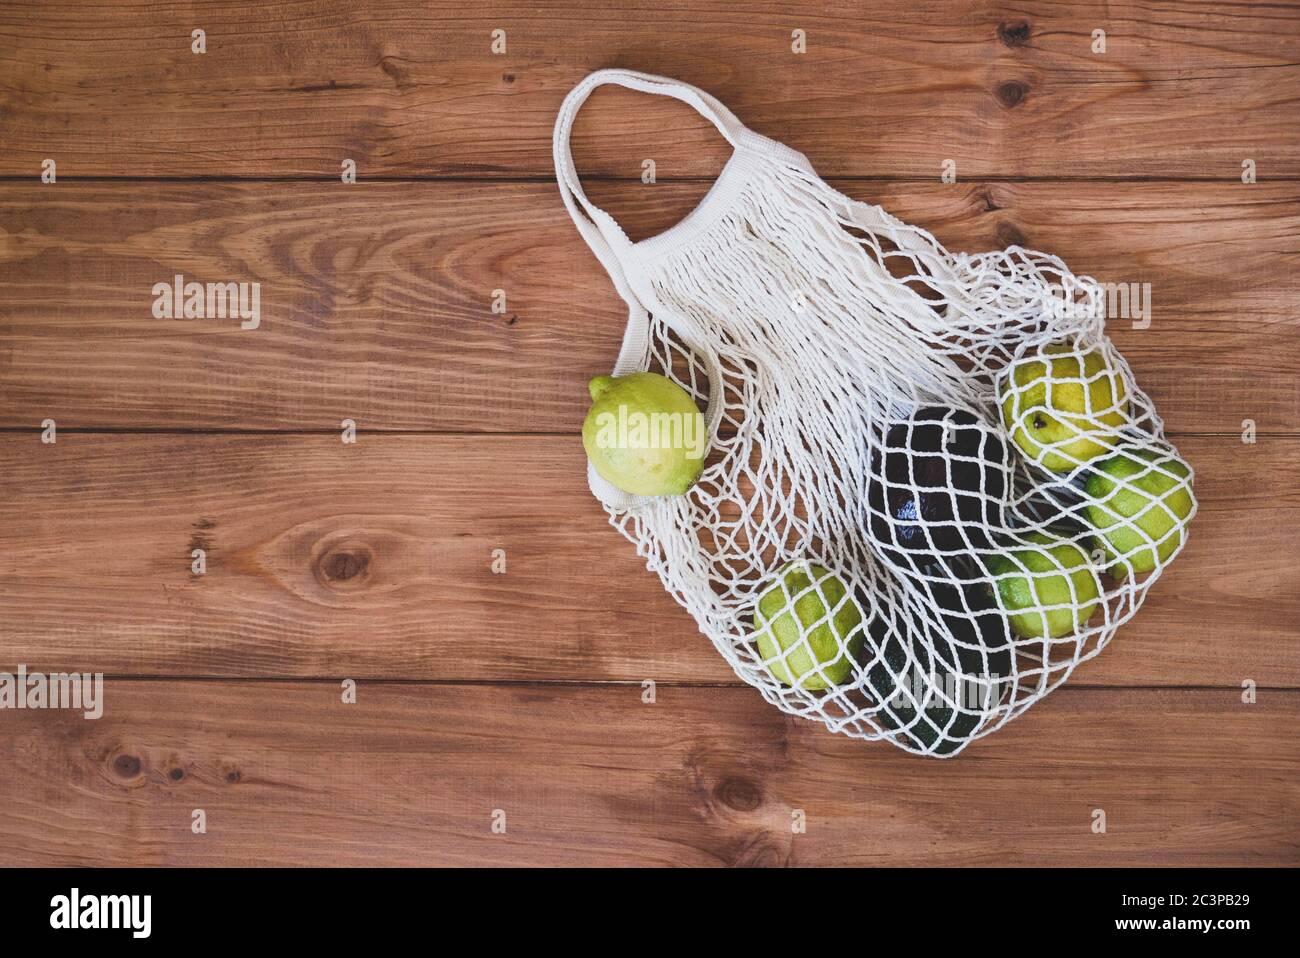 Bolsa de malla de algodón reutilizable ecológica con limones y aguacate sobre fondo rústico de madera. Foto de stock